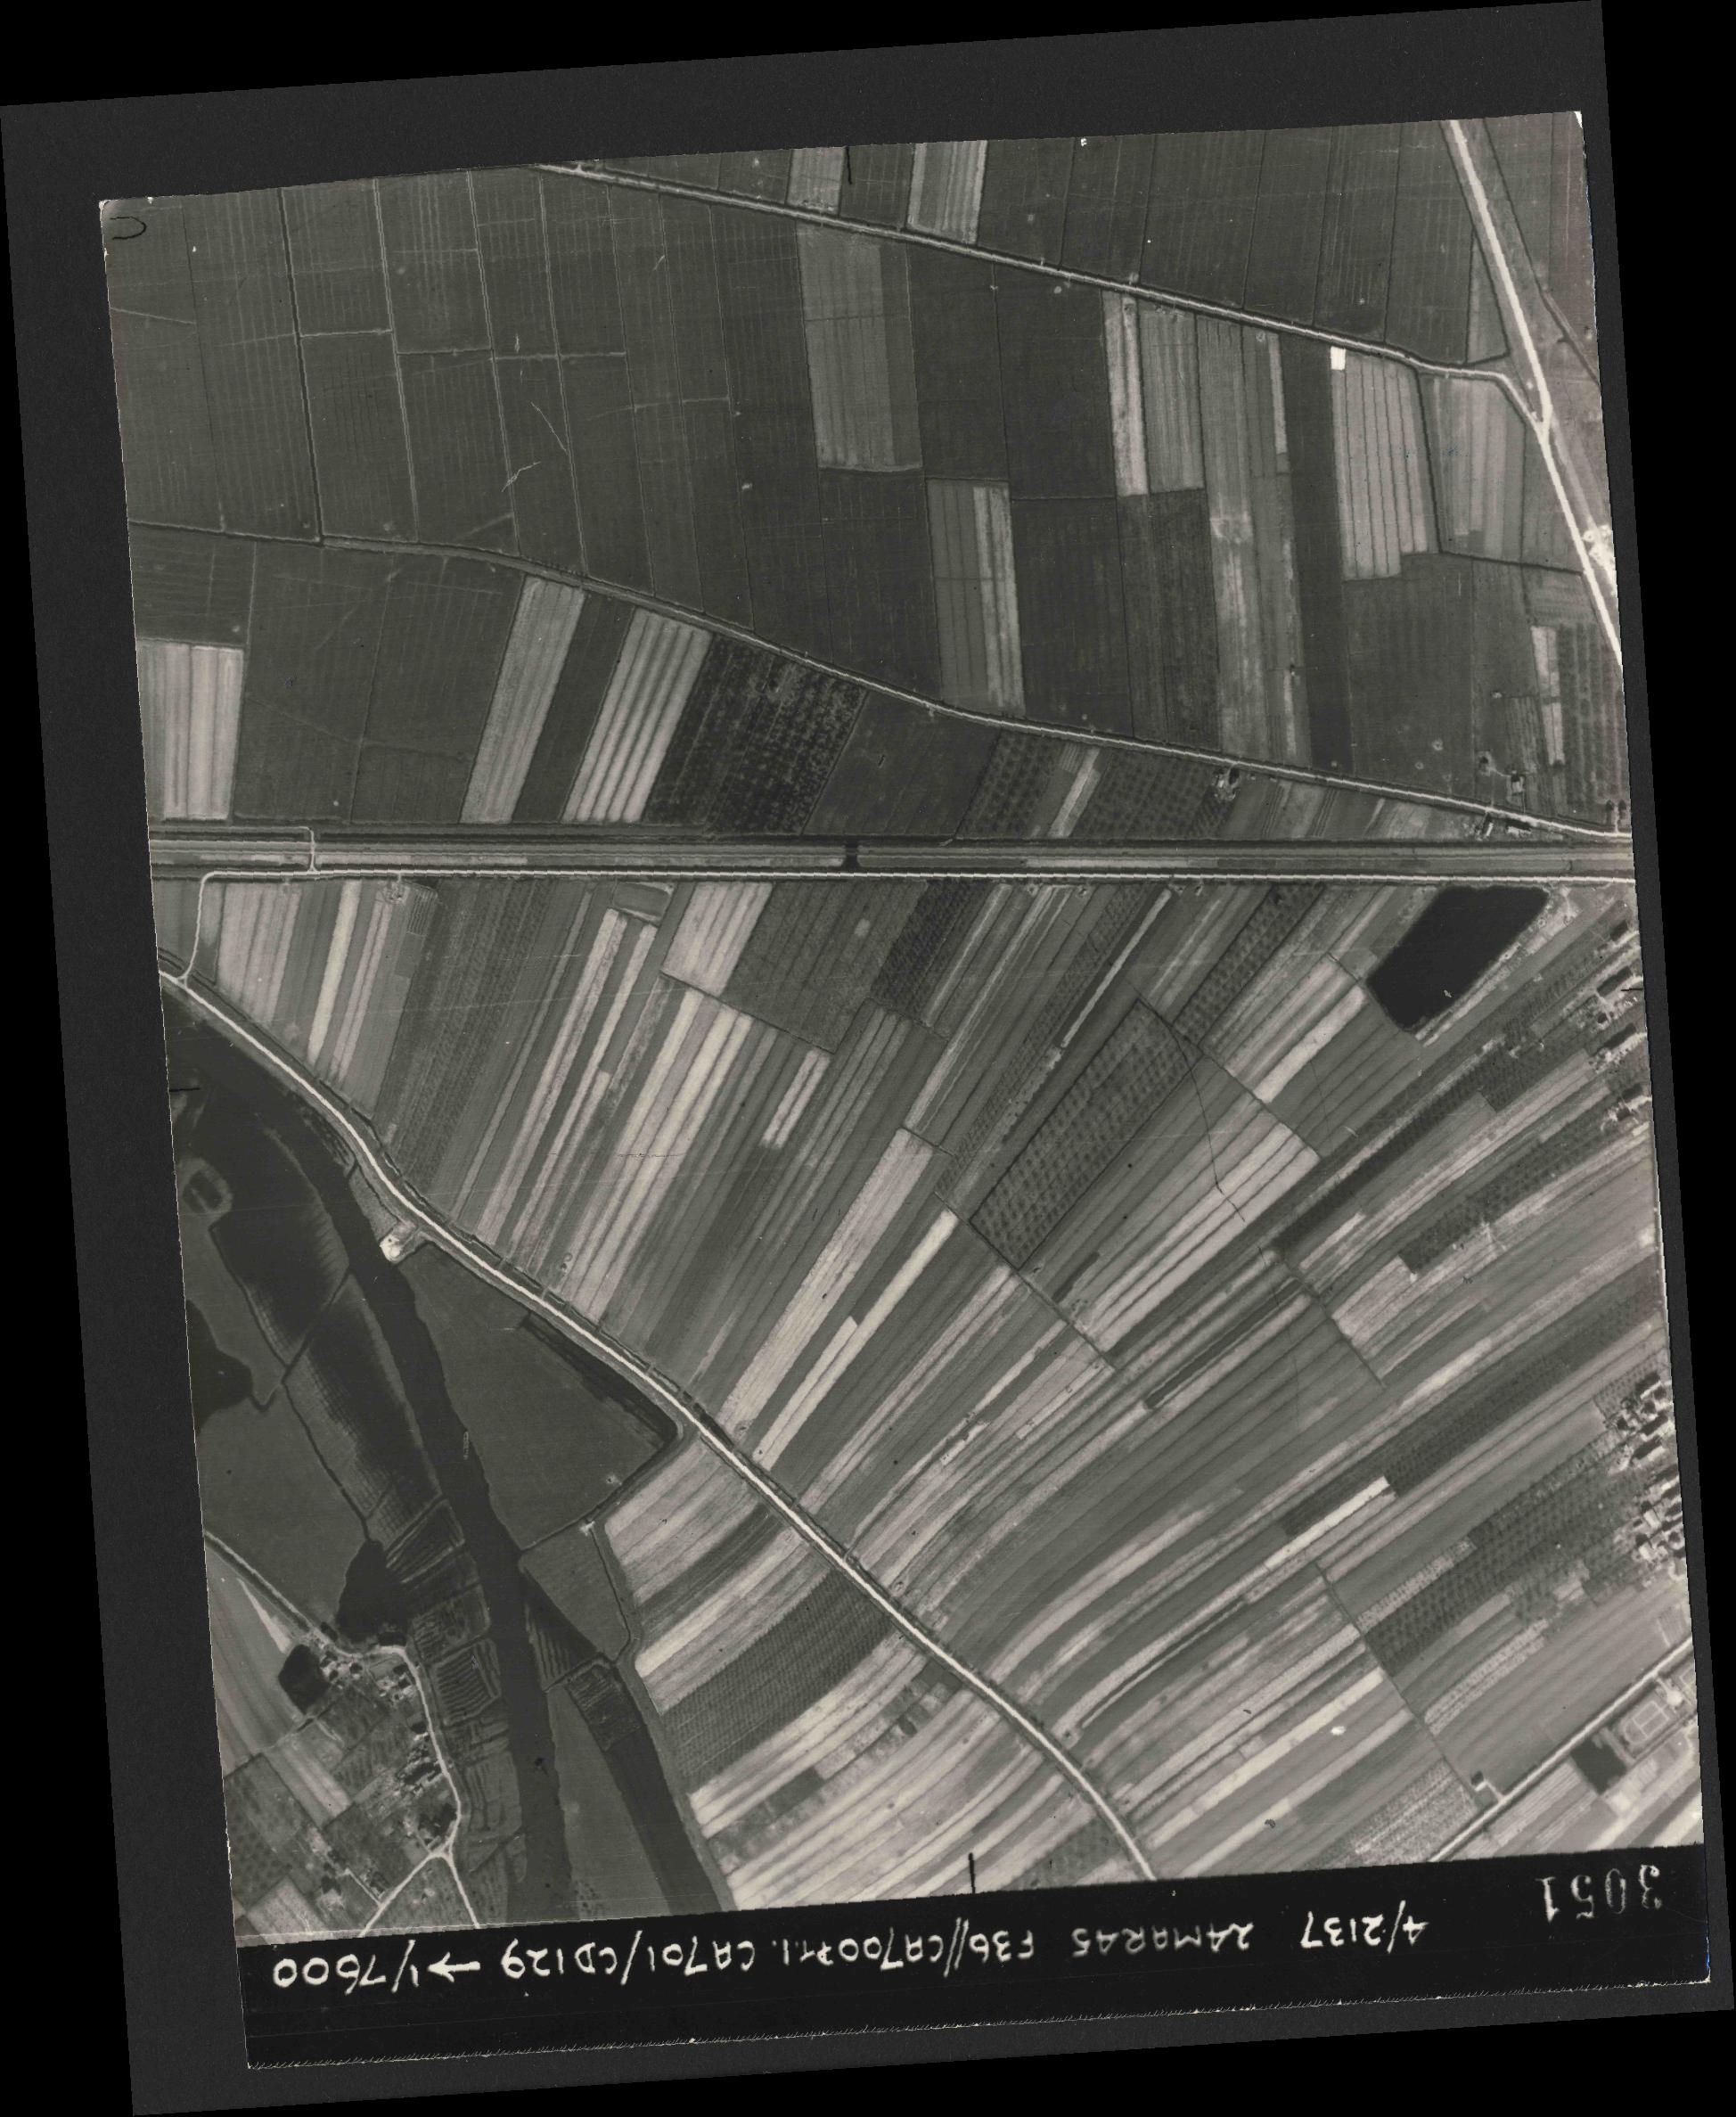 Collection RAF aerial photos 1940-1945 - flight 054, run 03, photo 3051